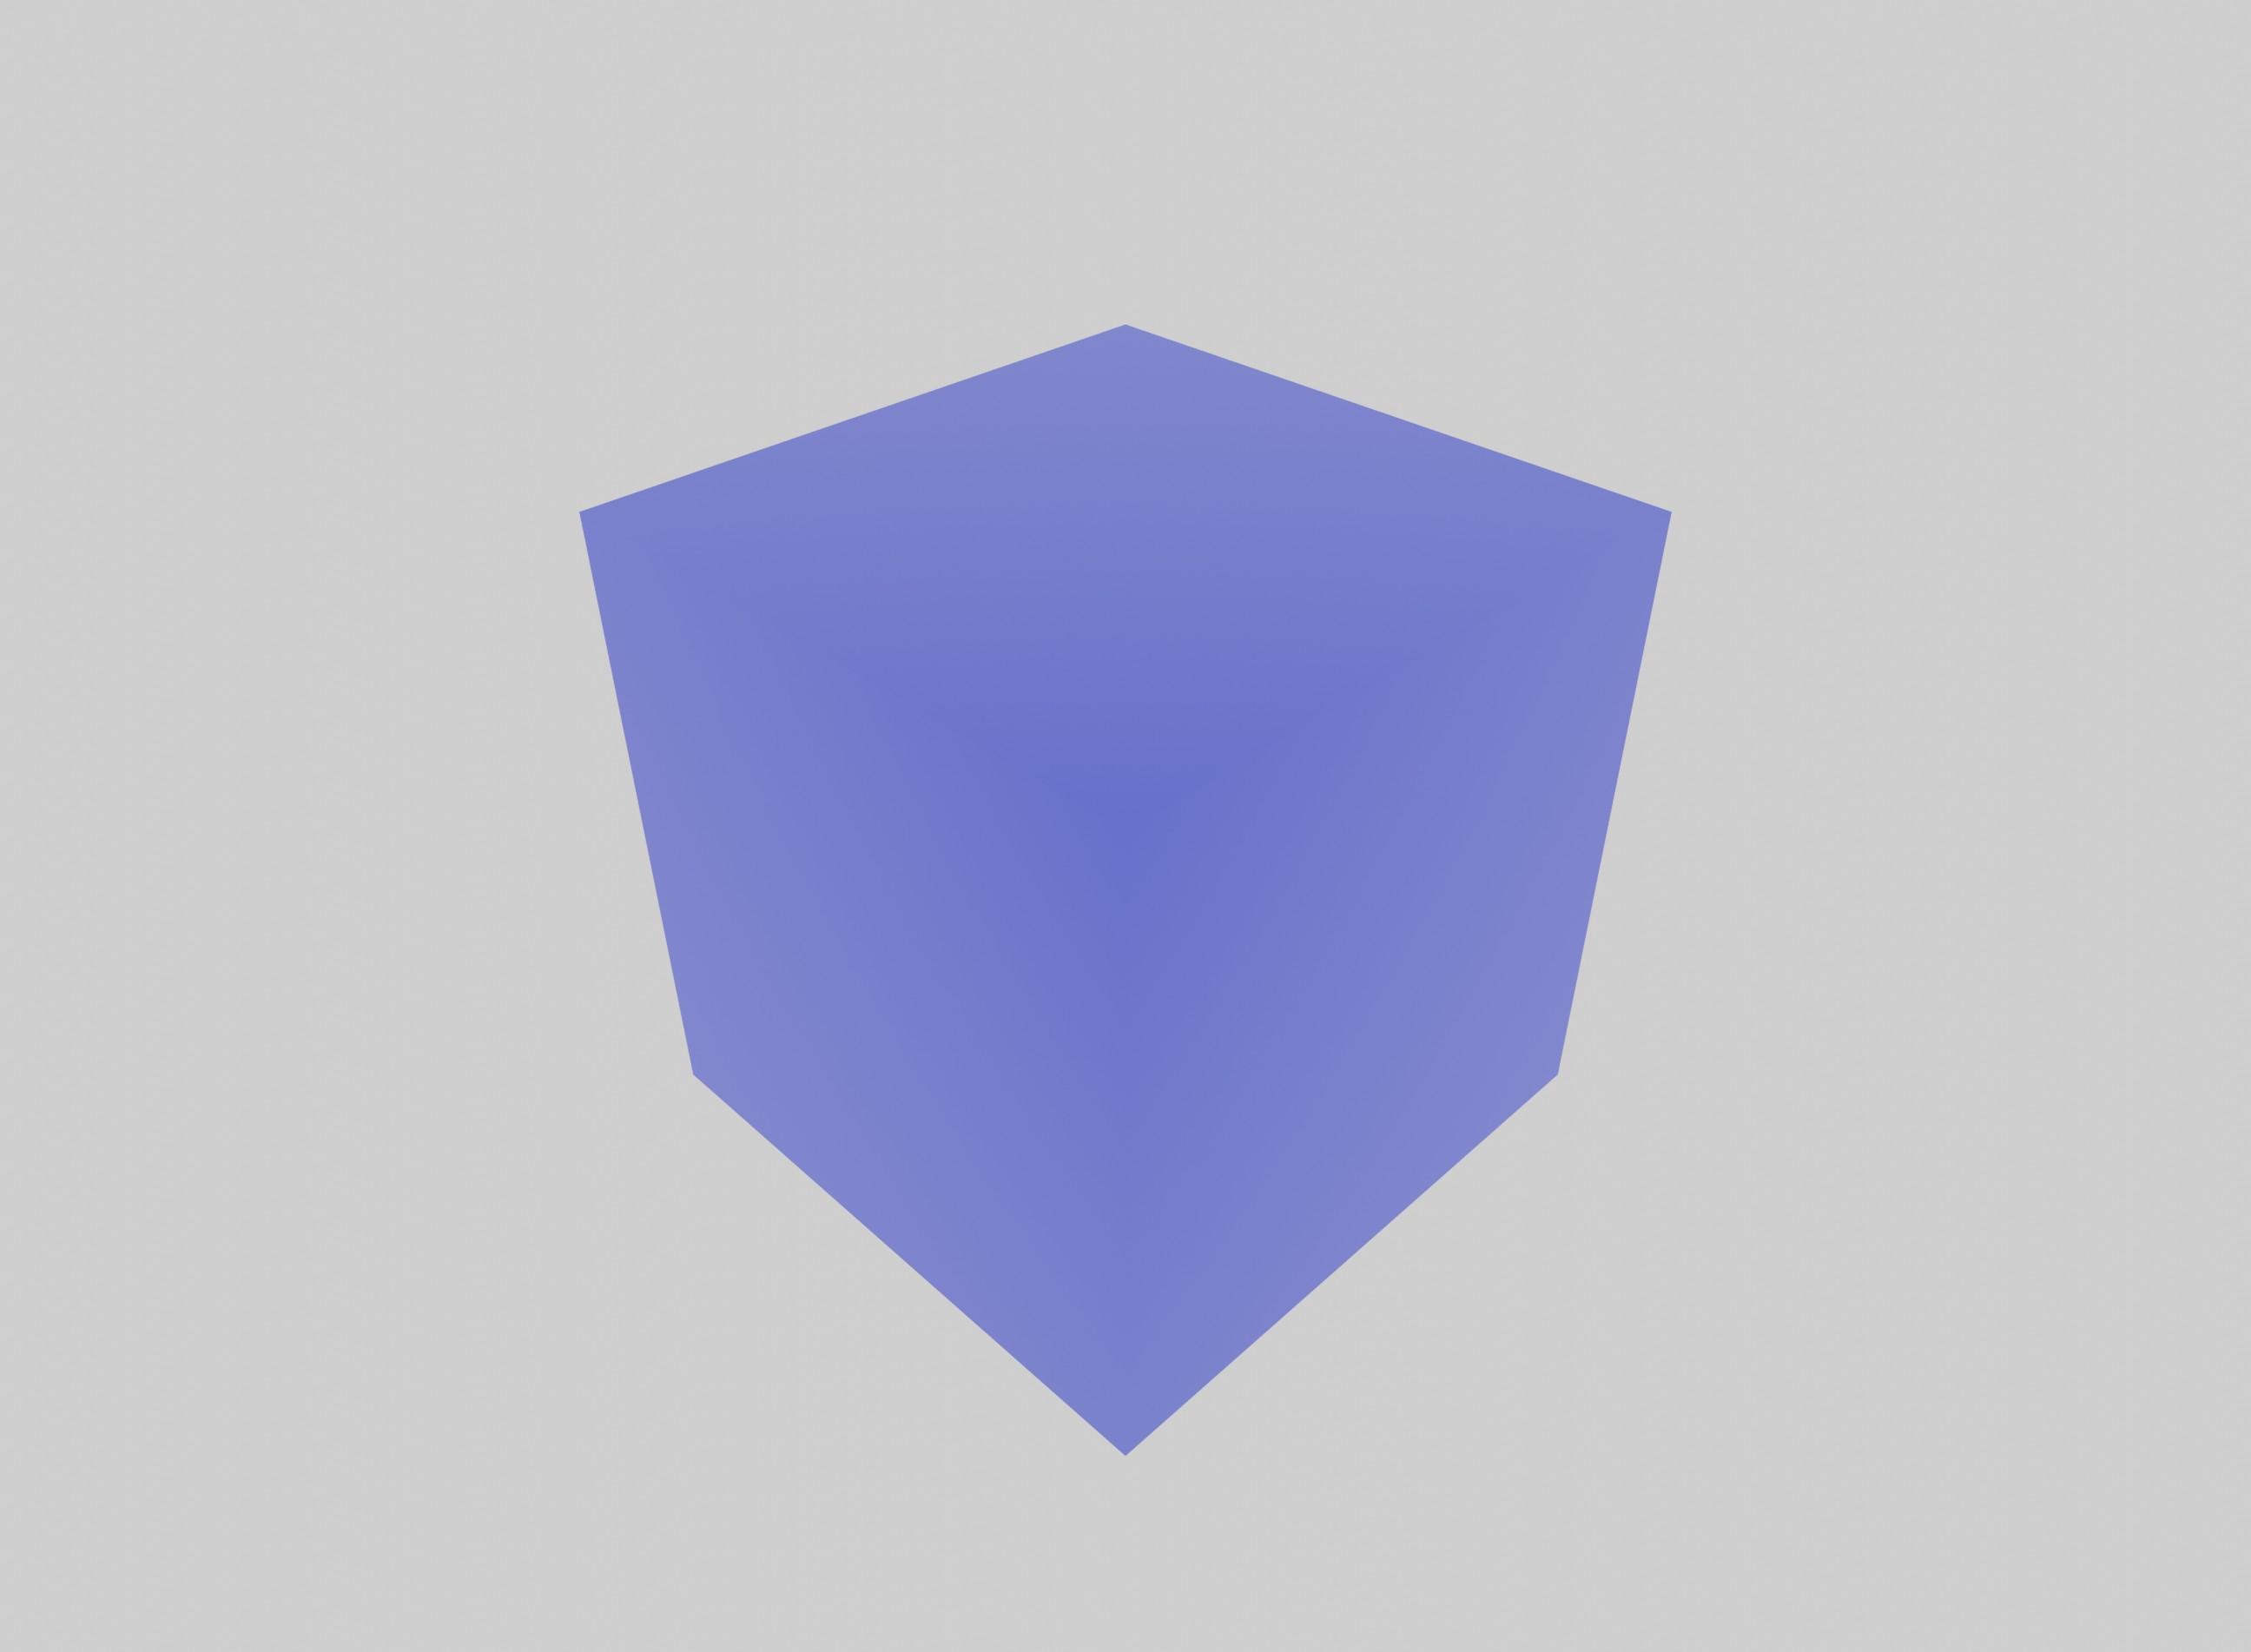 output/test_cube-image.jpeg